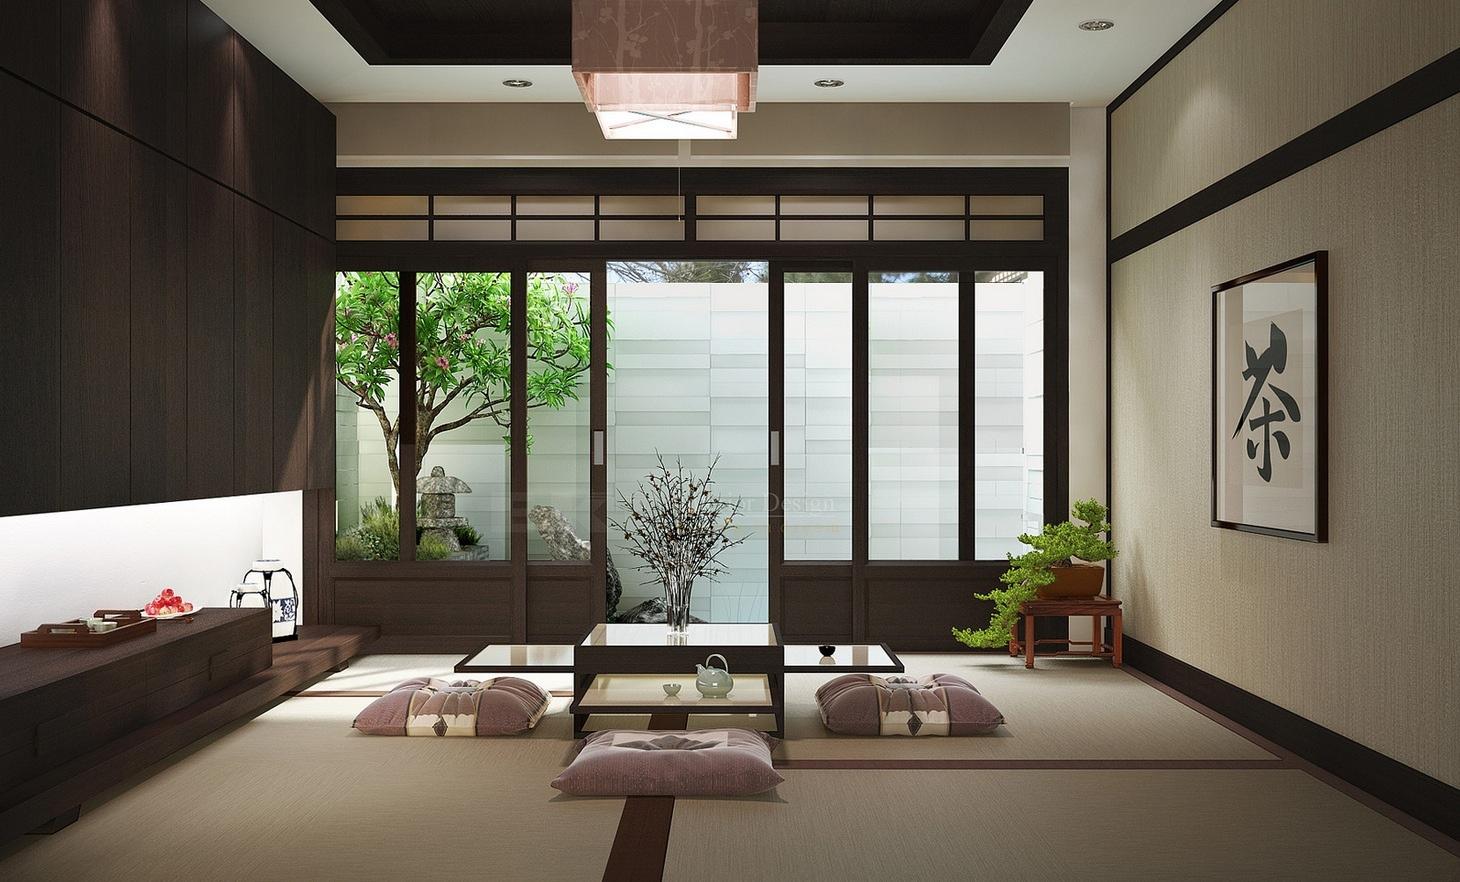 Desain ruang tamu tanpa kursi [Sumber: home-designing.com]